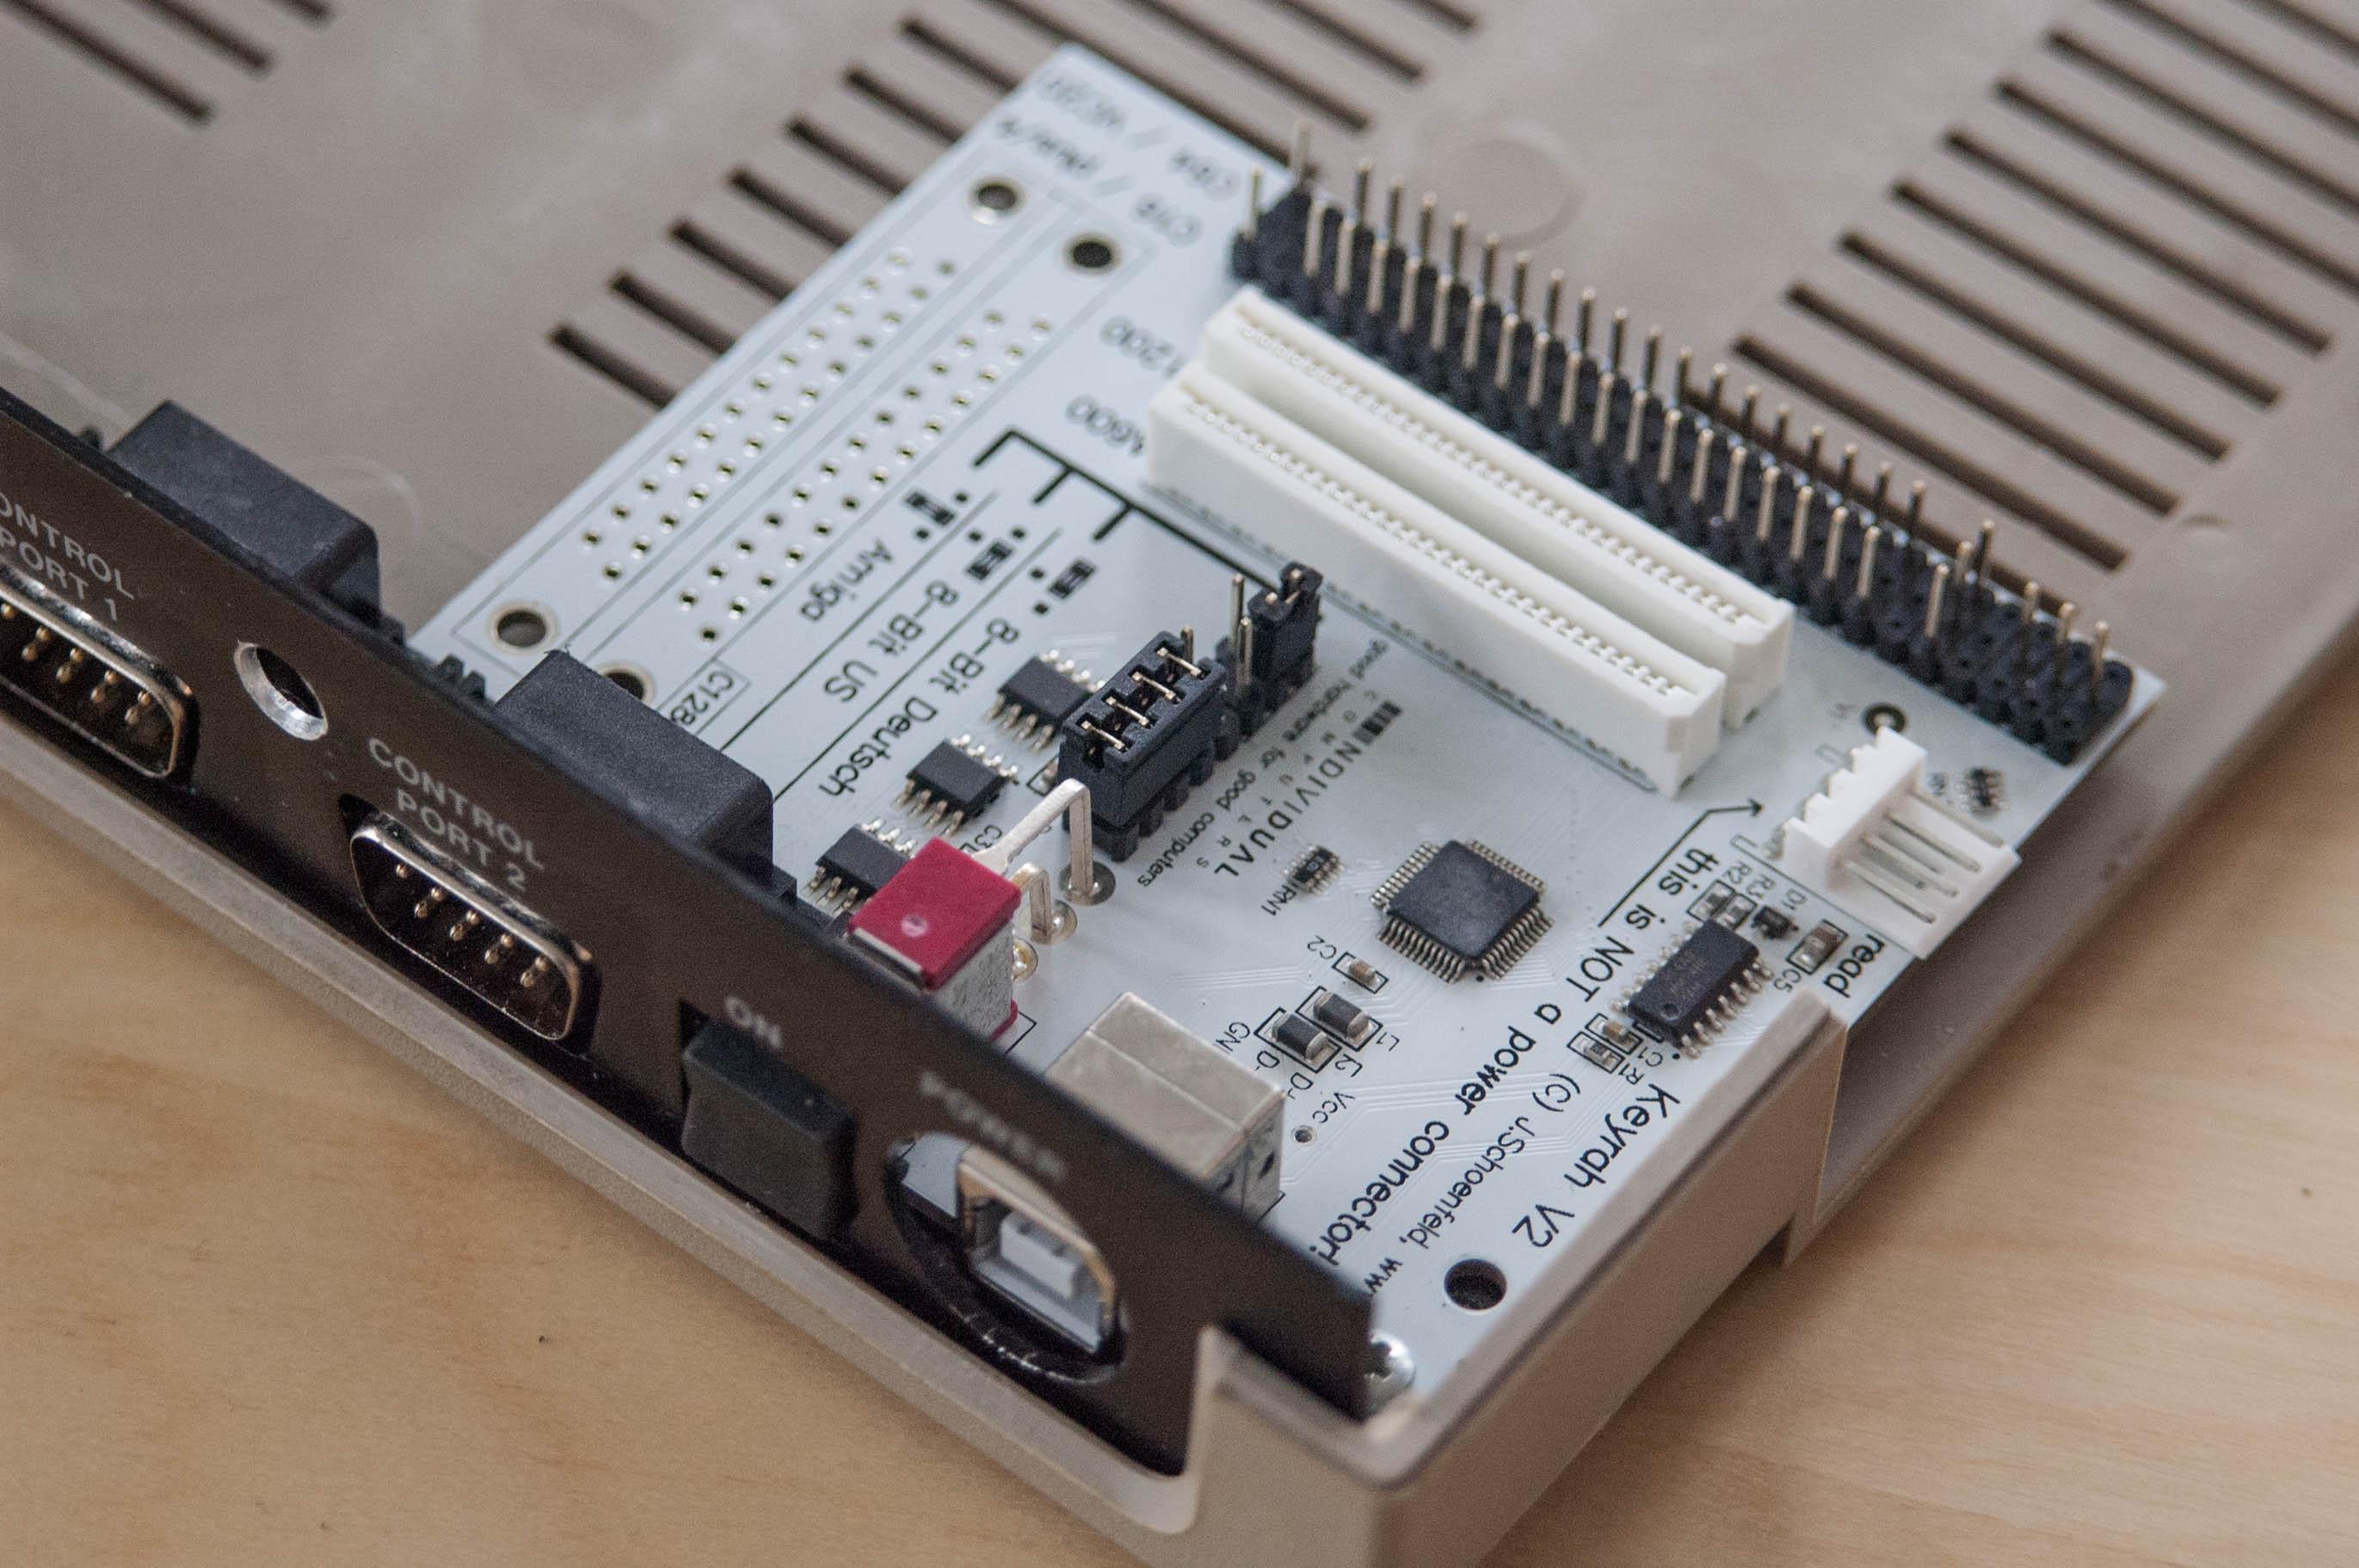 C64-Umbau mit dem Raspberry Pi: Die Wiedergeburt der Heimcomputer-Legende -